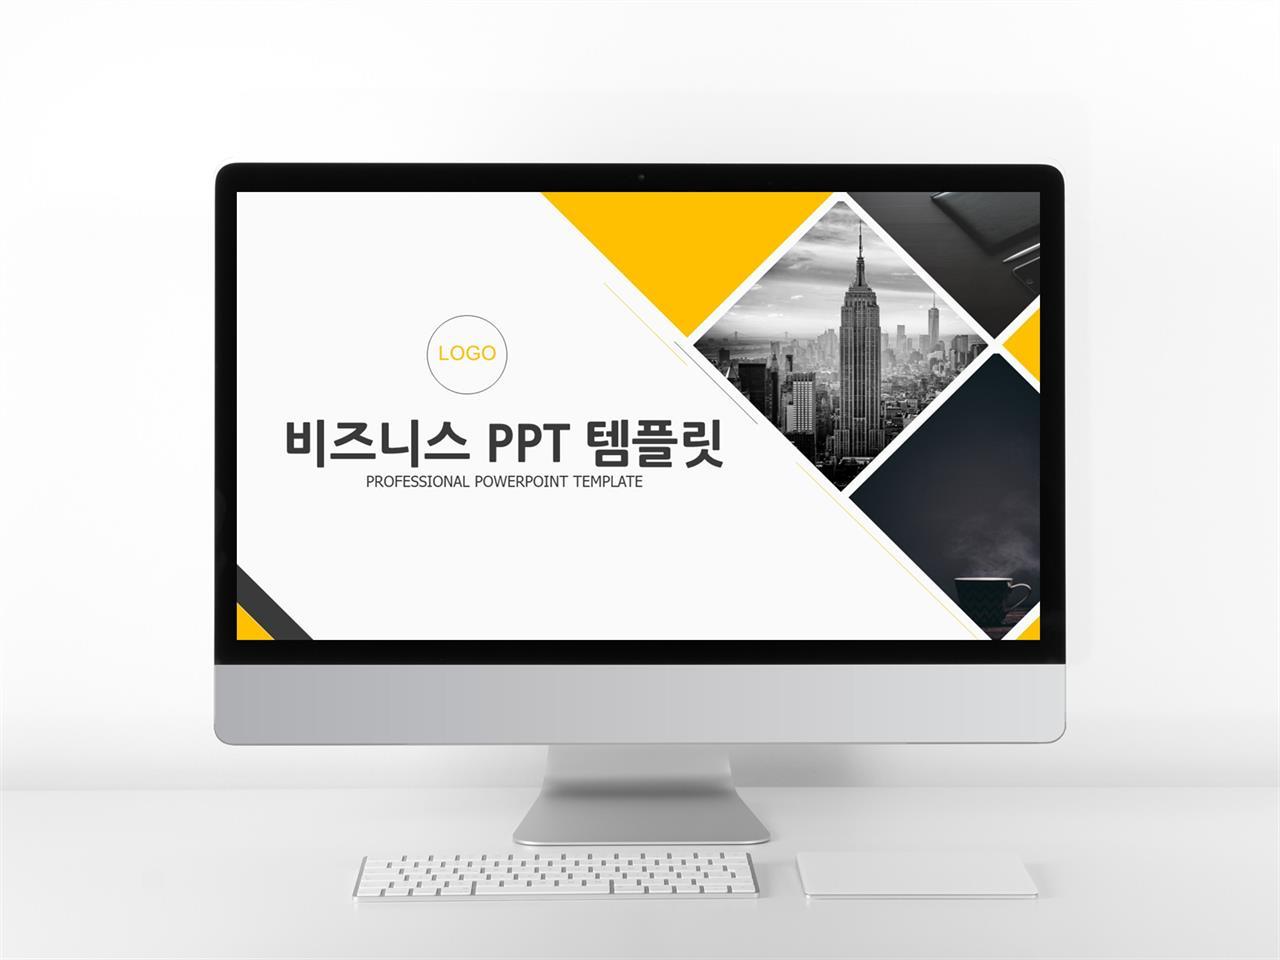 비즈니스 노란색 간단한 다양한 주제에 어울리는 POWERPOINT탬플릿 디자인 미리보기